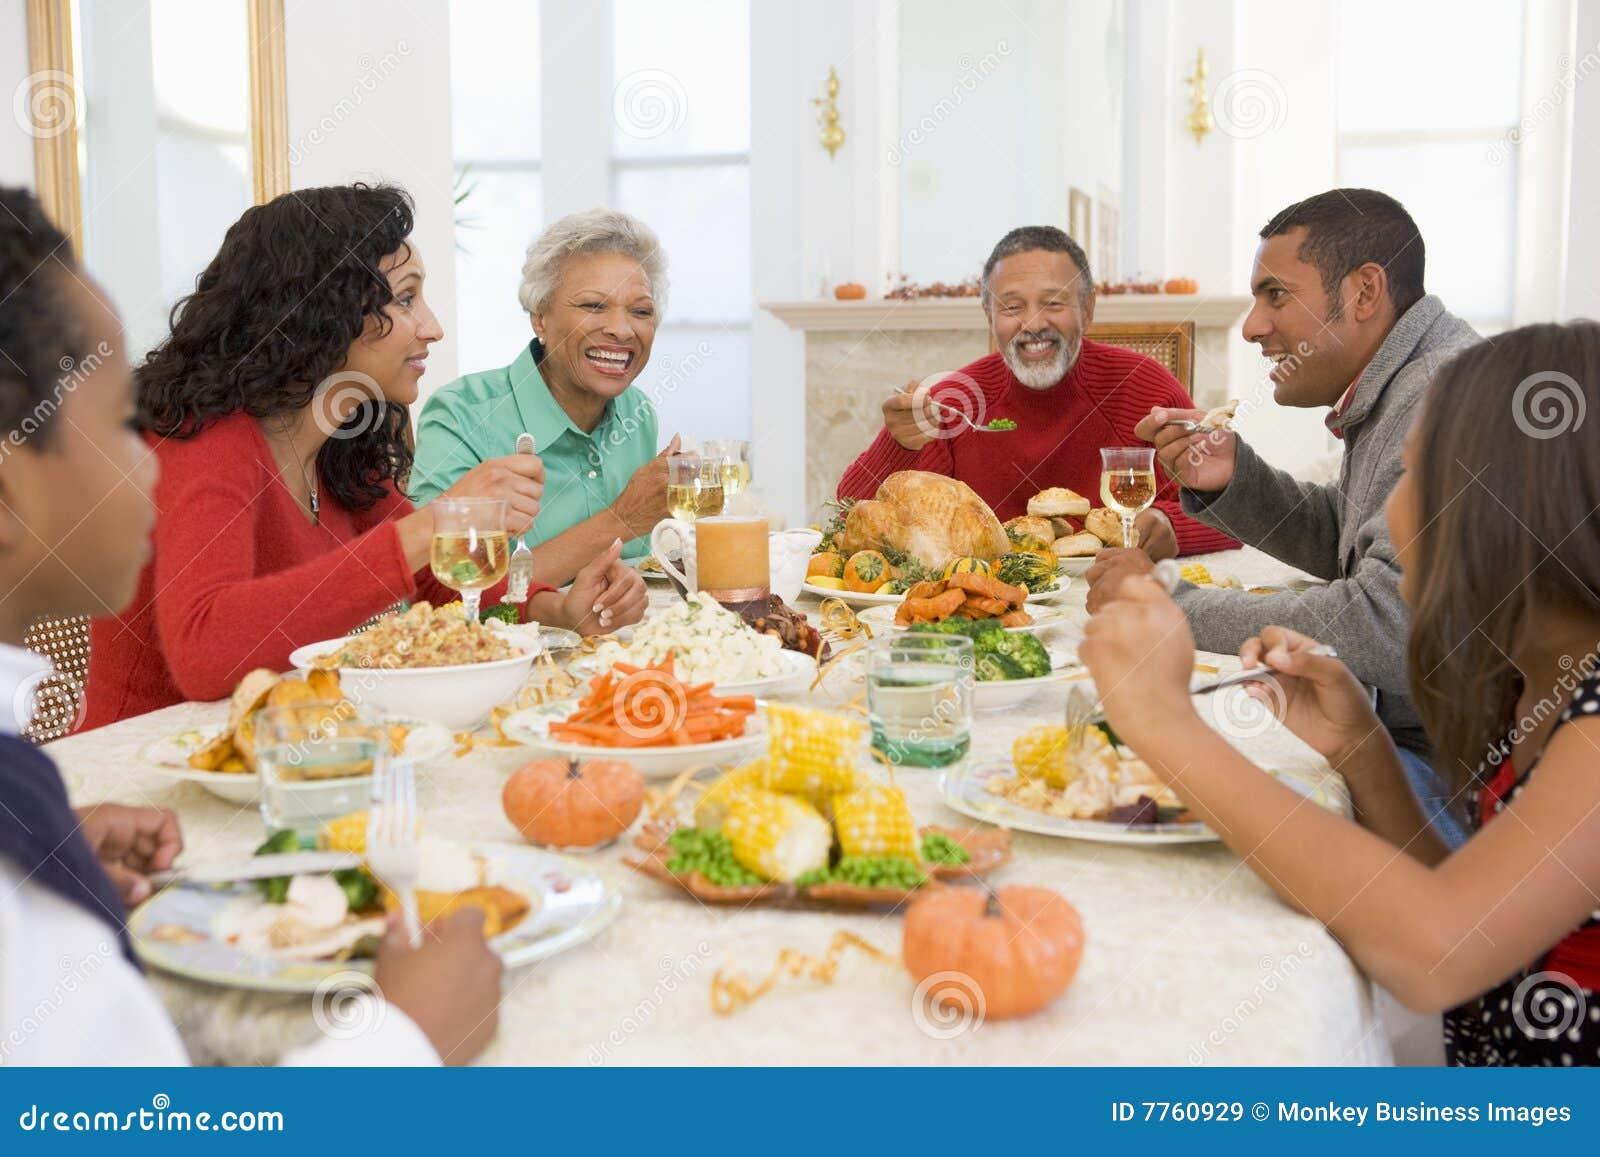 όλη η οικογένεια γευμάτω&